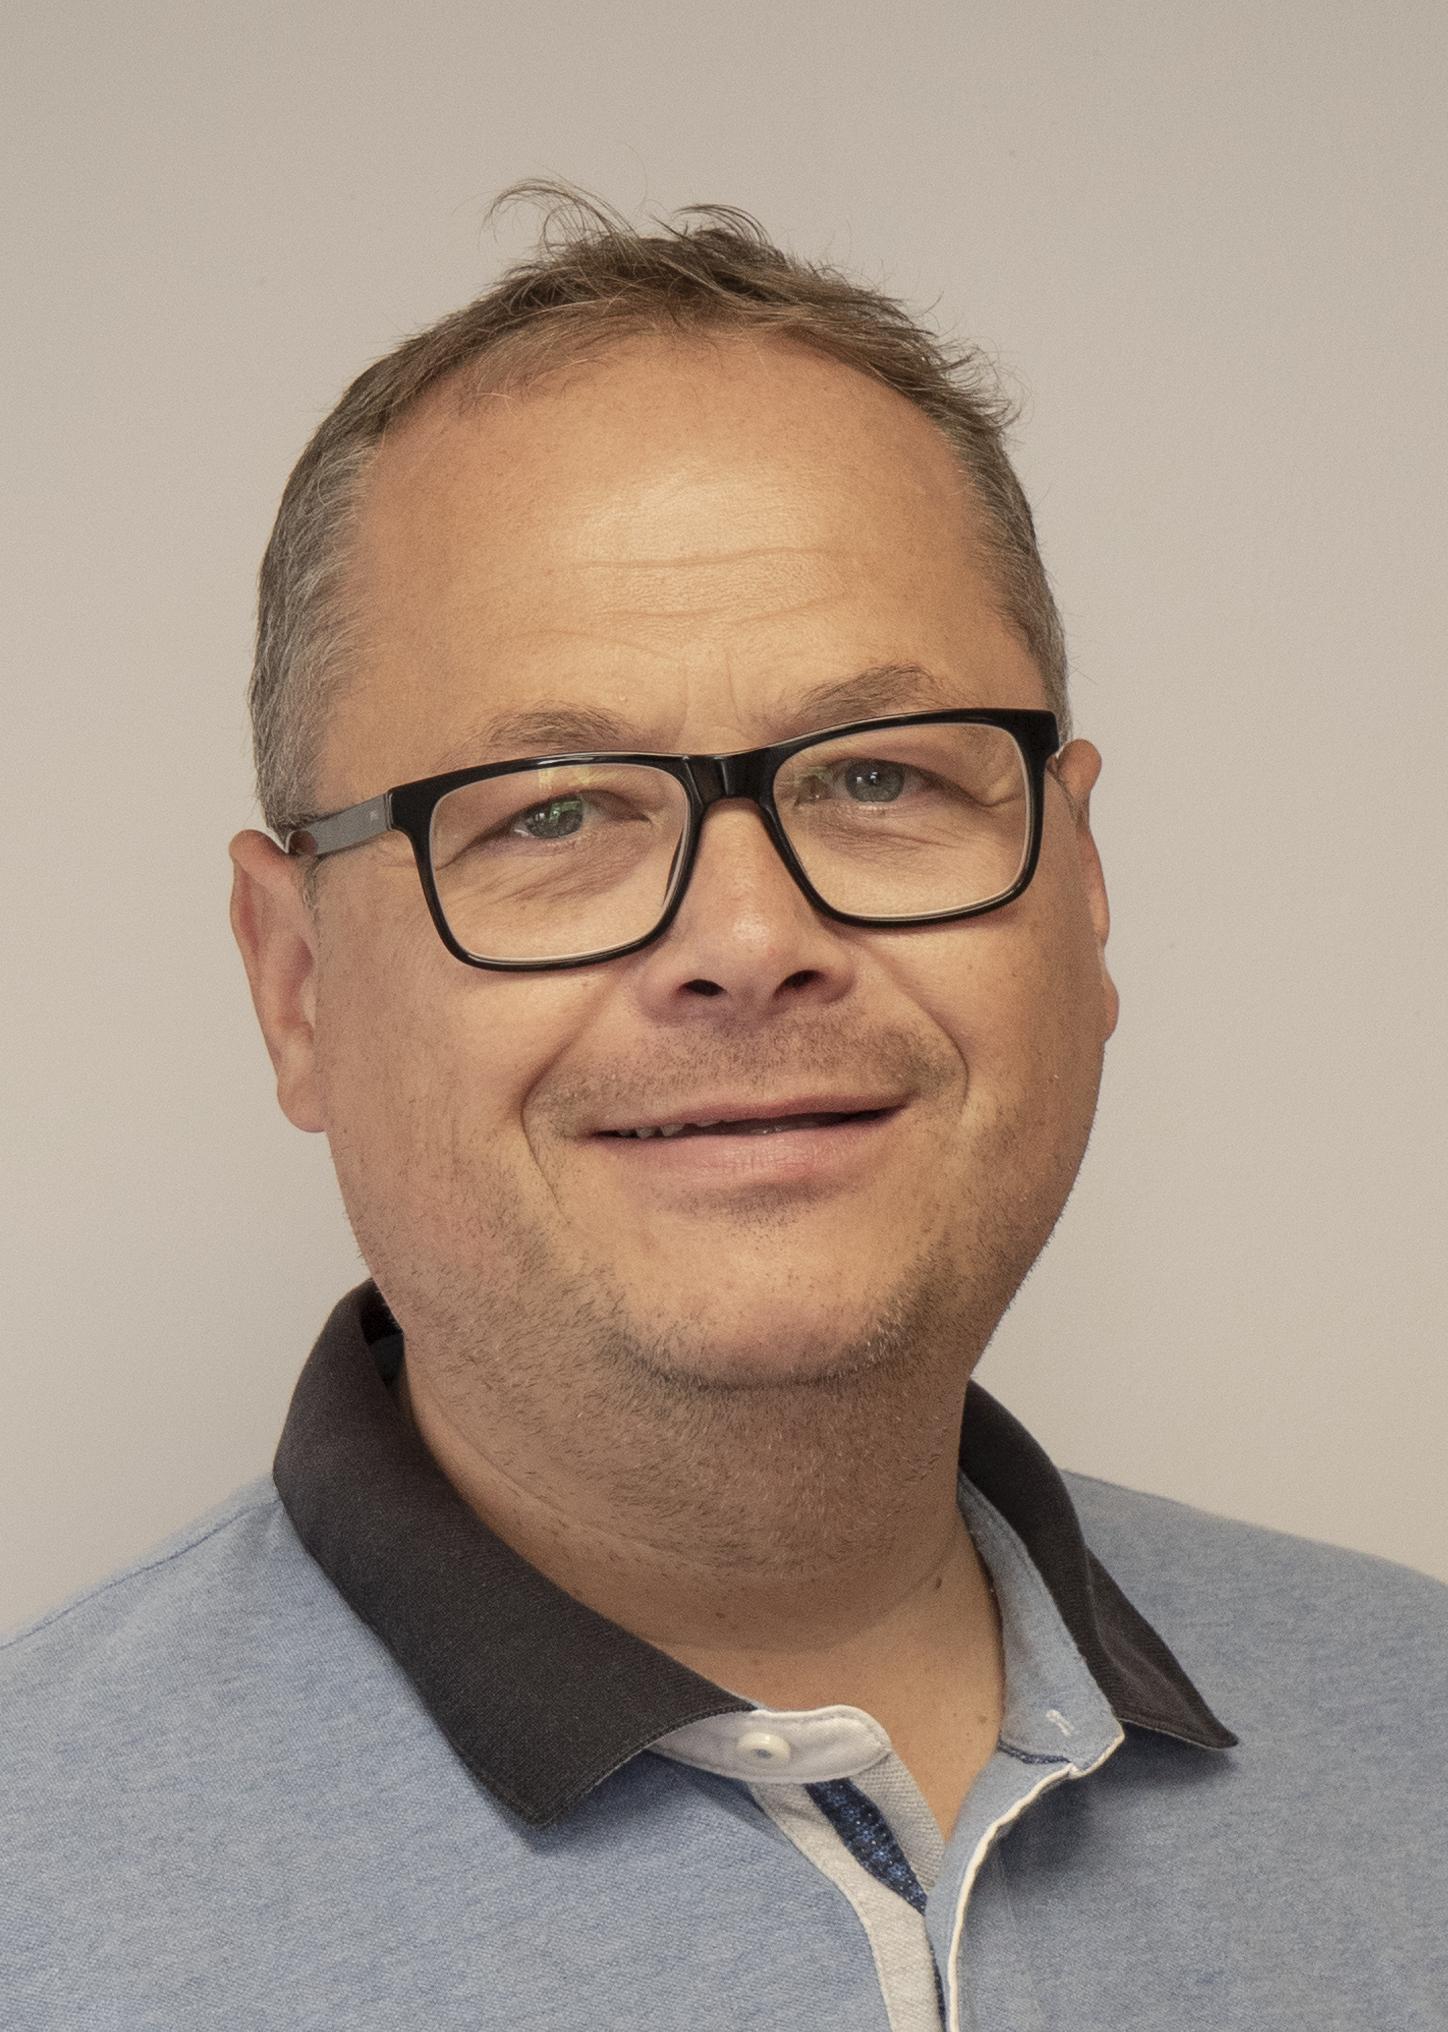 Profilbilde av Nils Grønseth